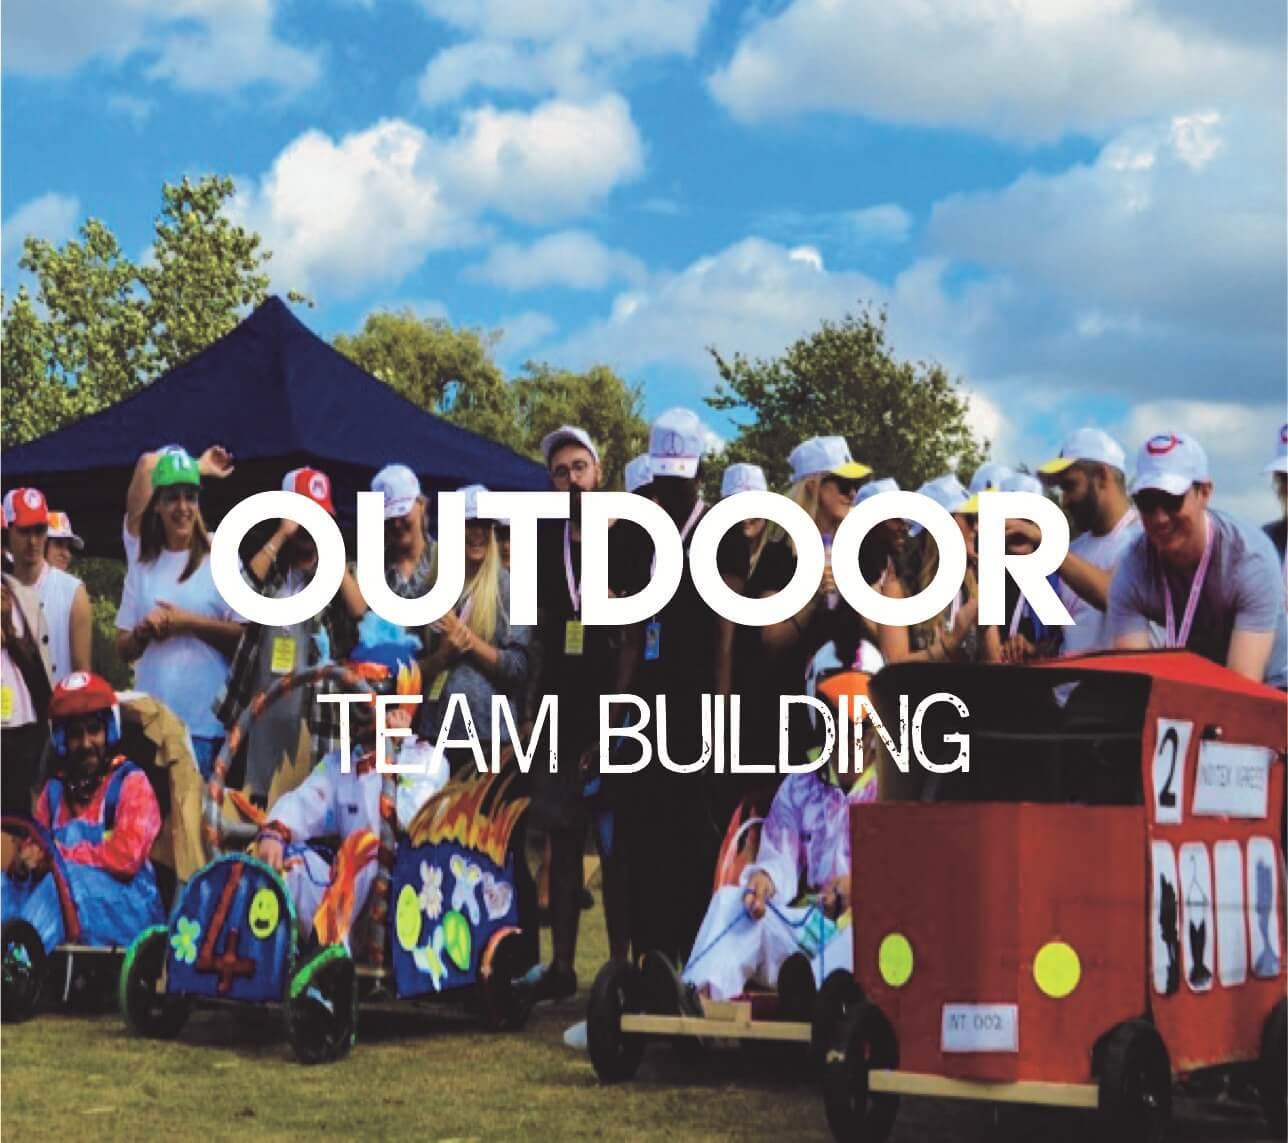 Hoạt động team building là gì? Tổ chức Team building ngoài trời